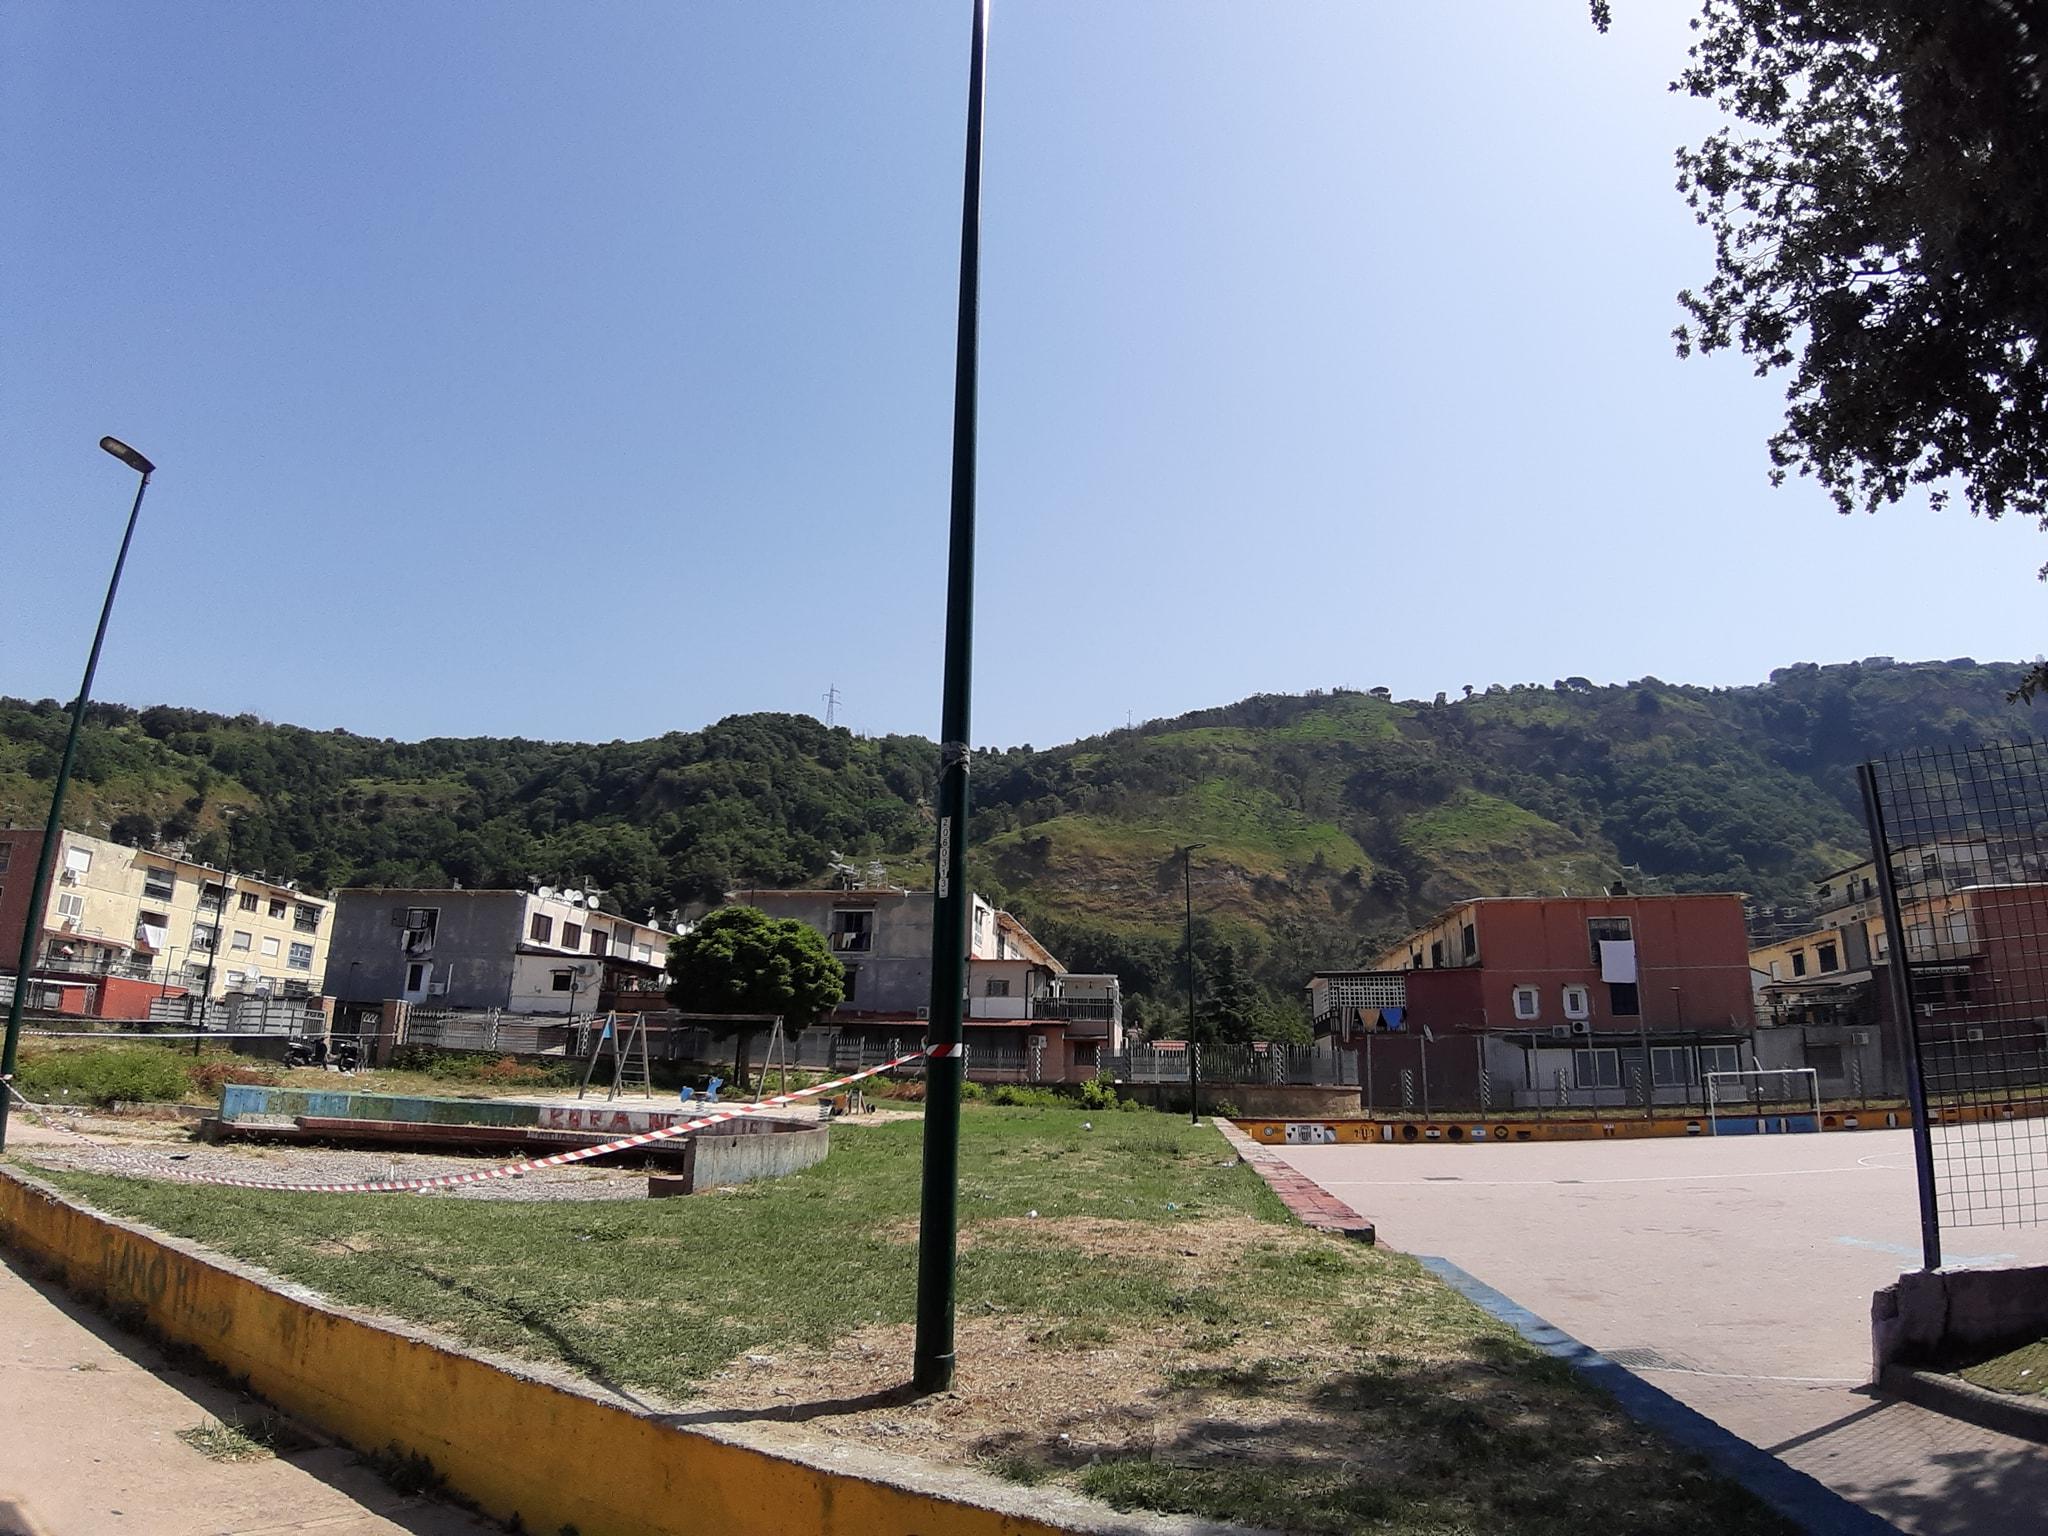 Parco Camaldoli Sud: al via la riqualificazione delle aree verdi